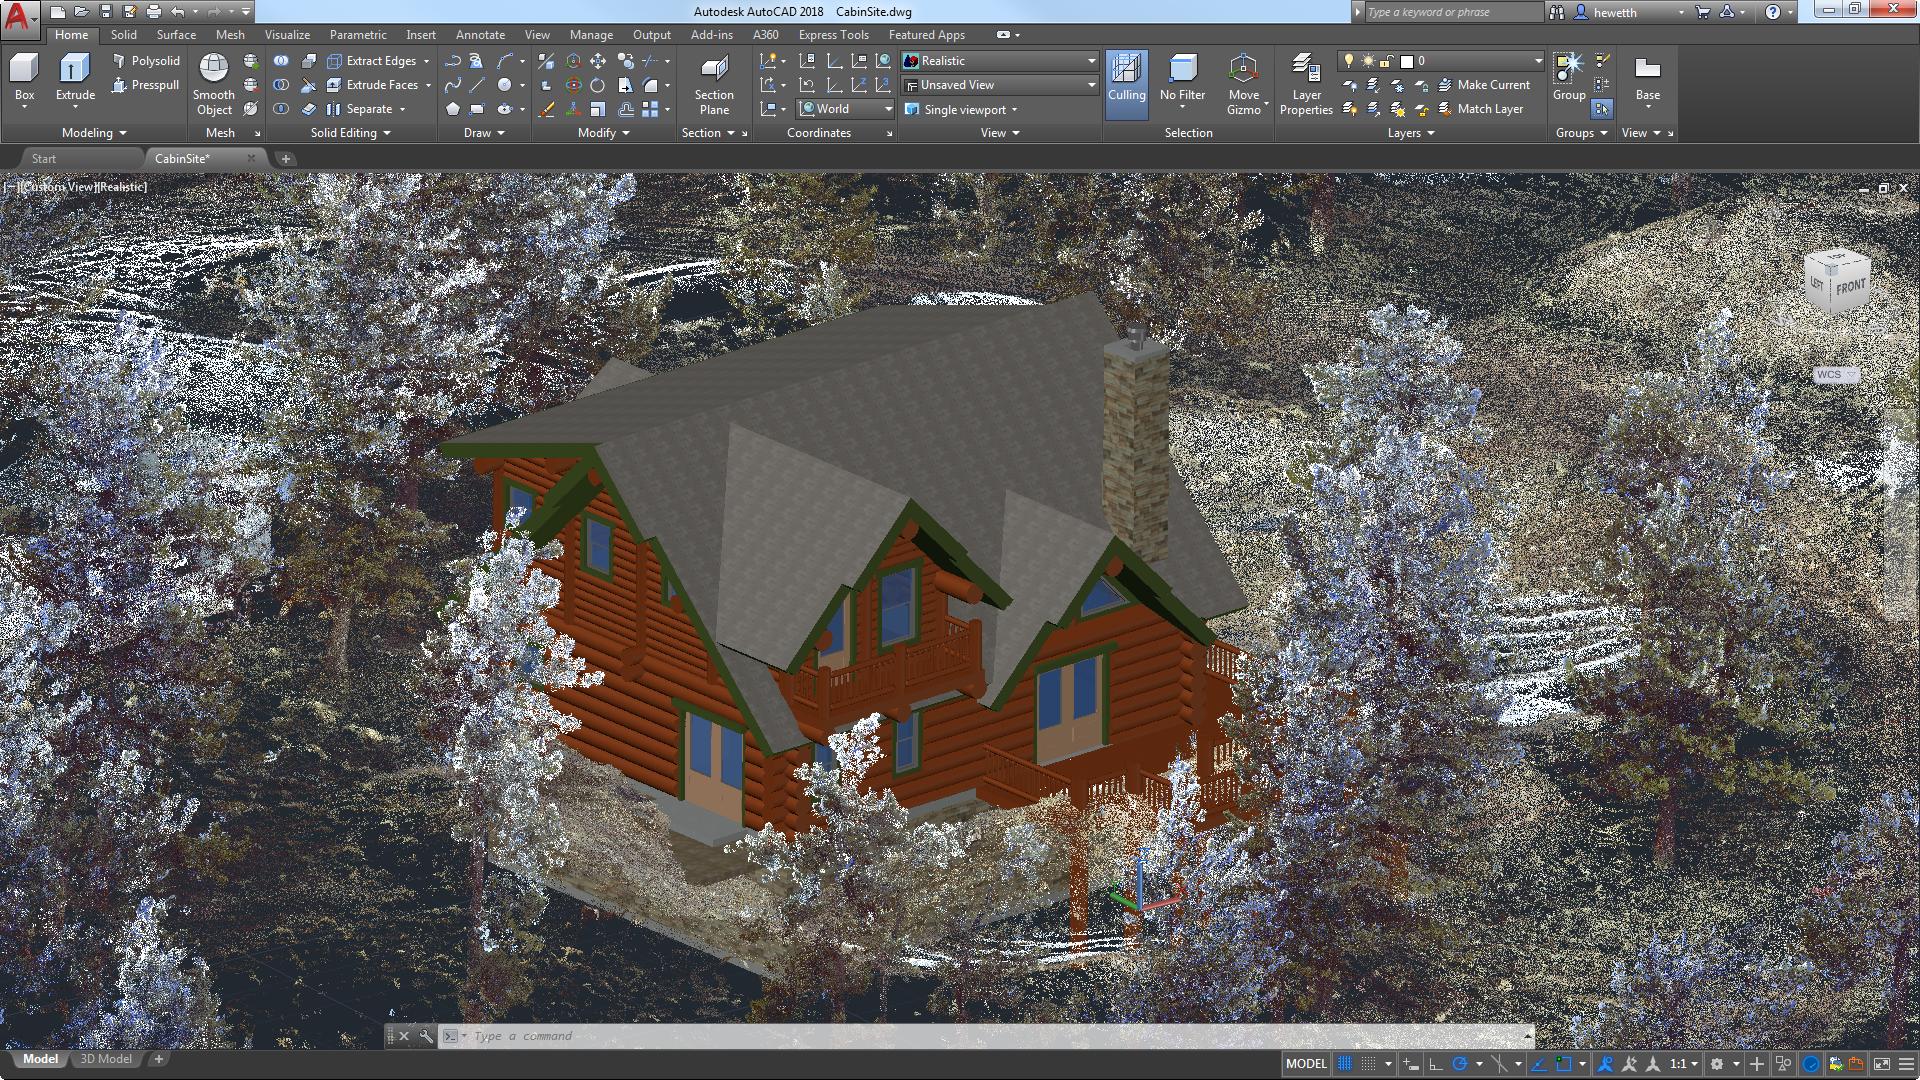 Erstellen Und Kommunizieren Sie Nahezu Jede Konstruktion Mit Werkzeugen Für  3D Modellierung Und Visualisierung